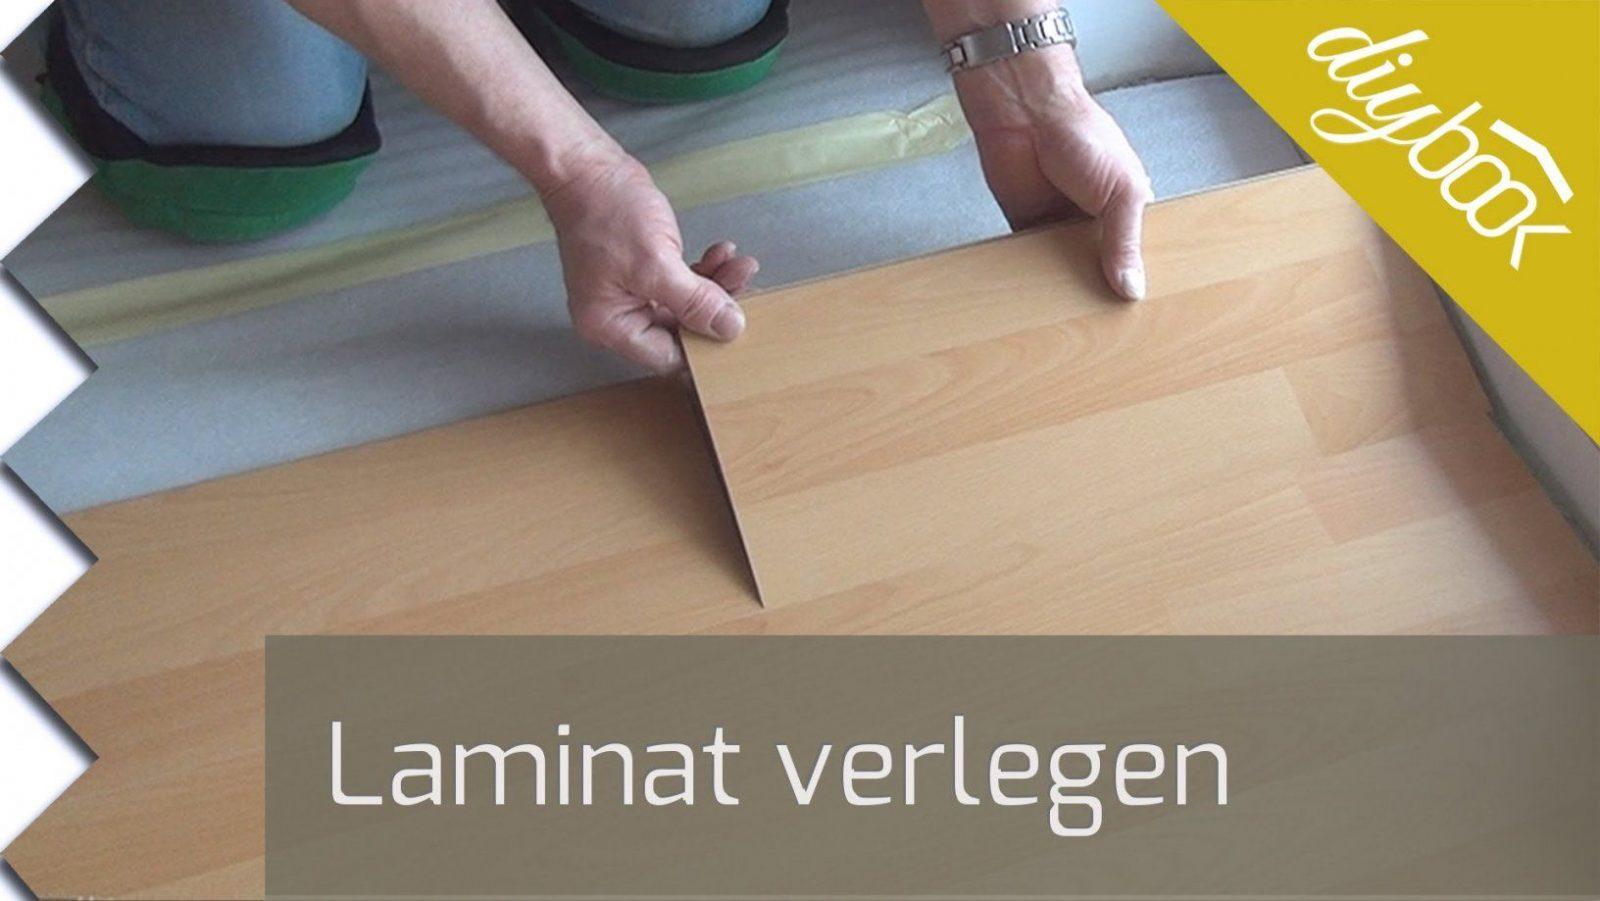 Laminat Verlegen Die Schwimmende Verlegung  Youtube von Laminat Verlegen Anleitung Video Photo